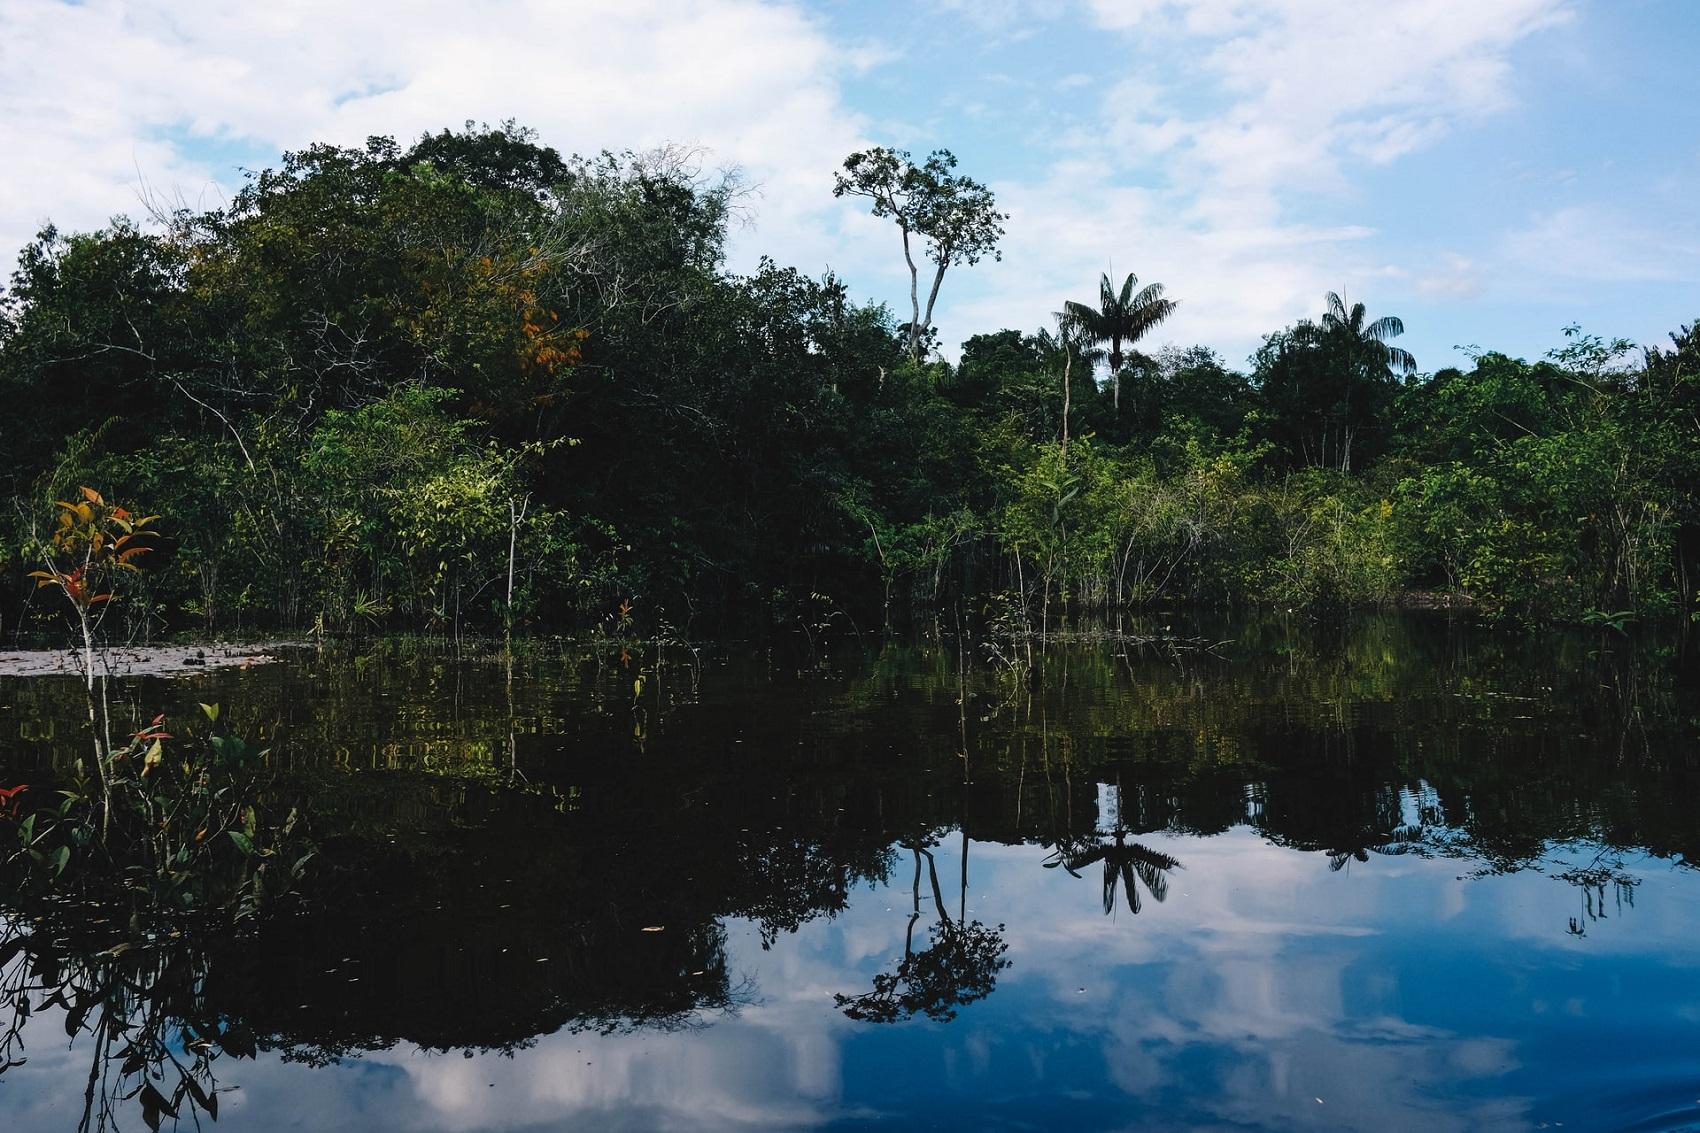 Brazylia i Amazonia w październiku